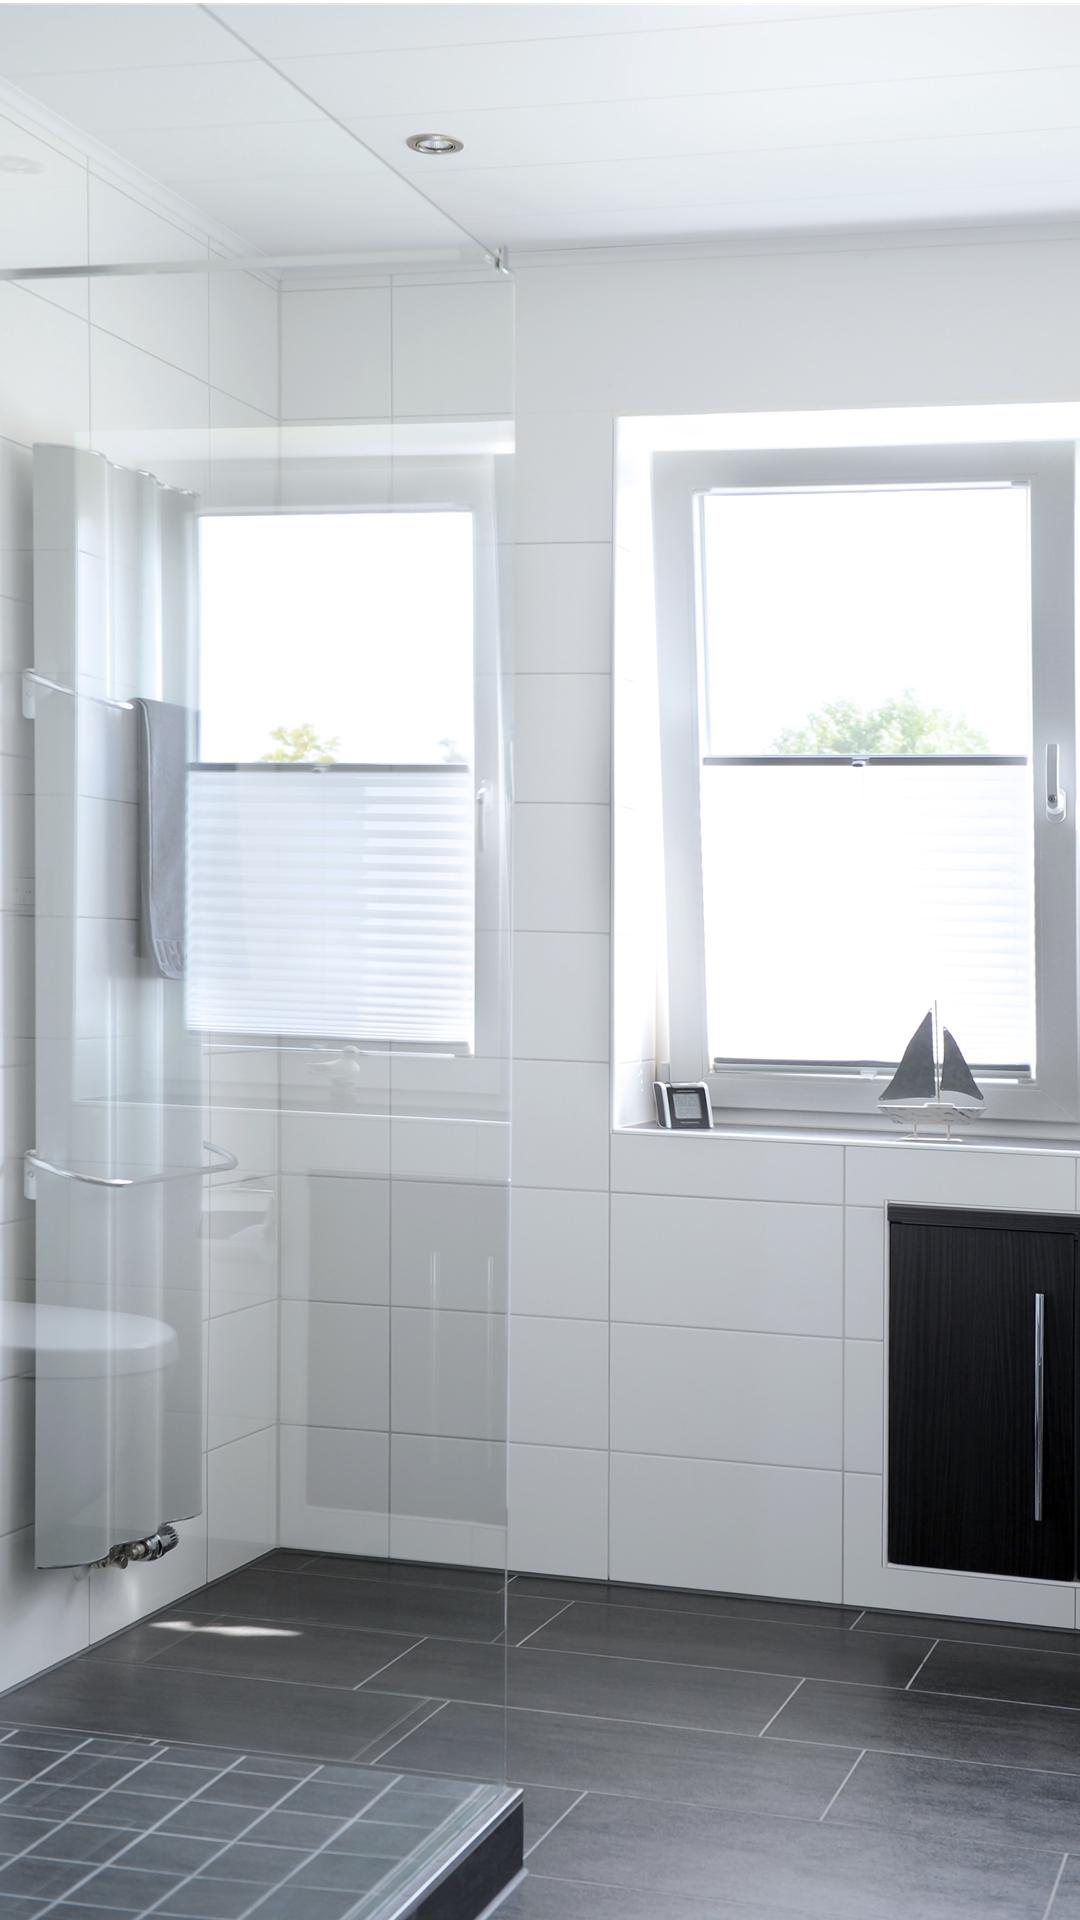 Bad in schwarz-weiss gefliest mit silbergrauem Designhandtuchheizkörper